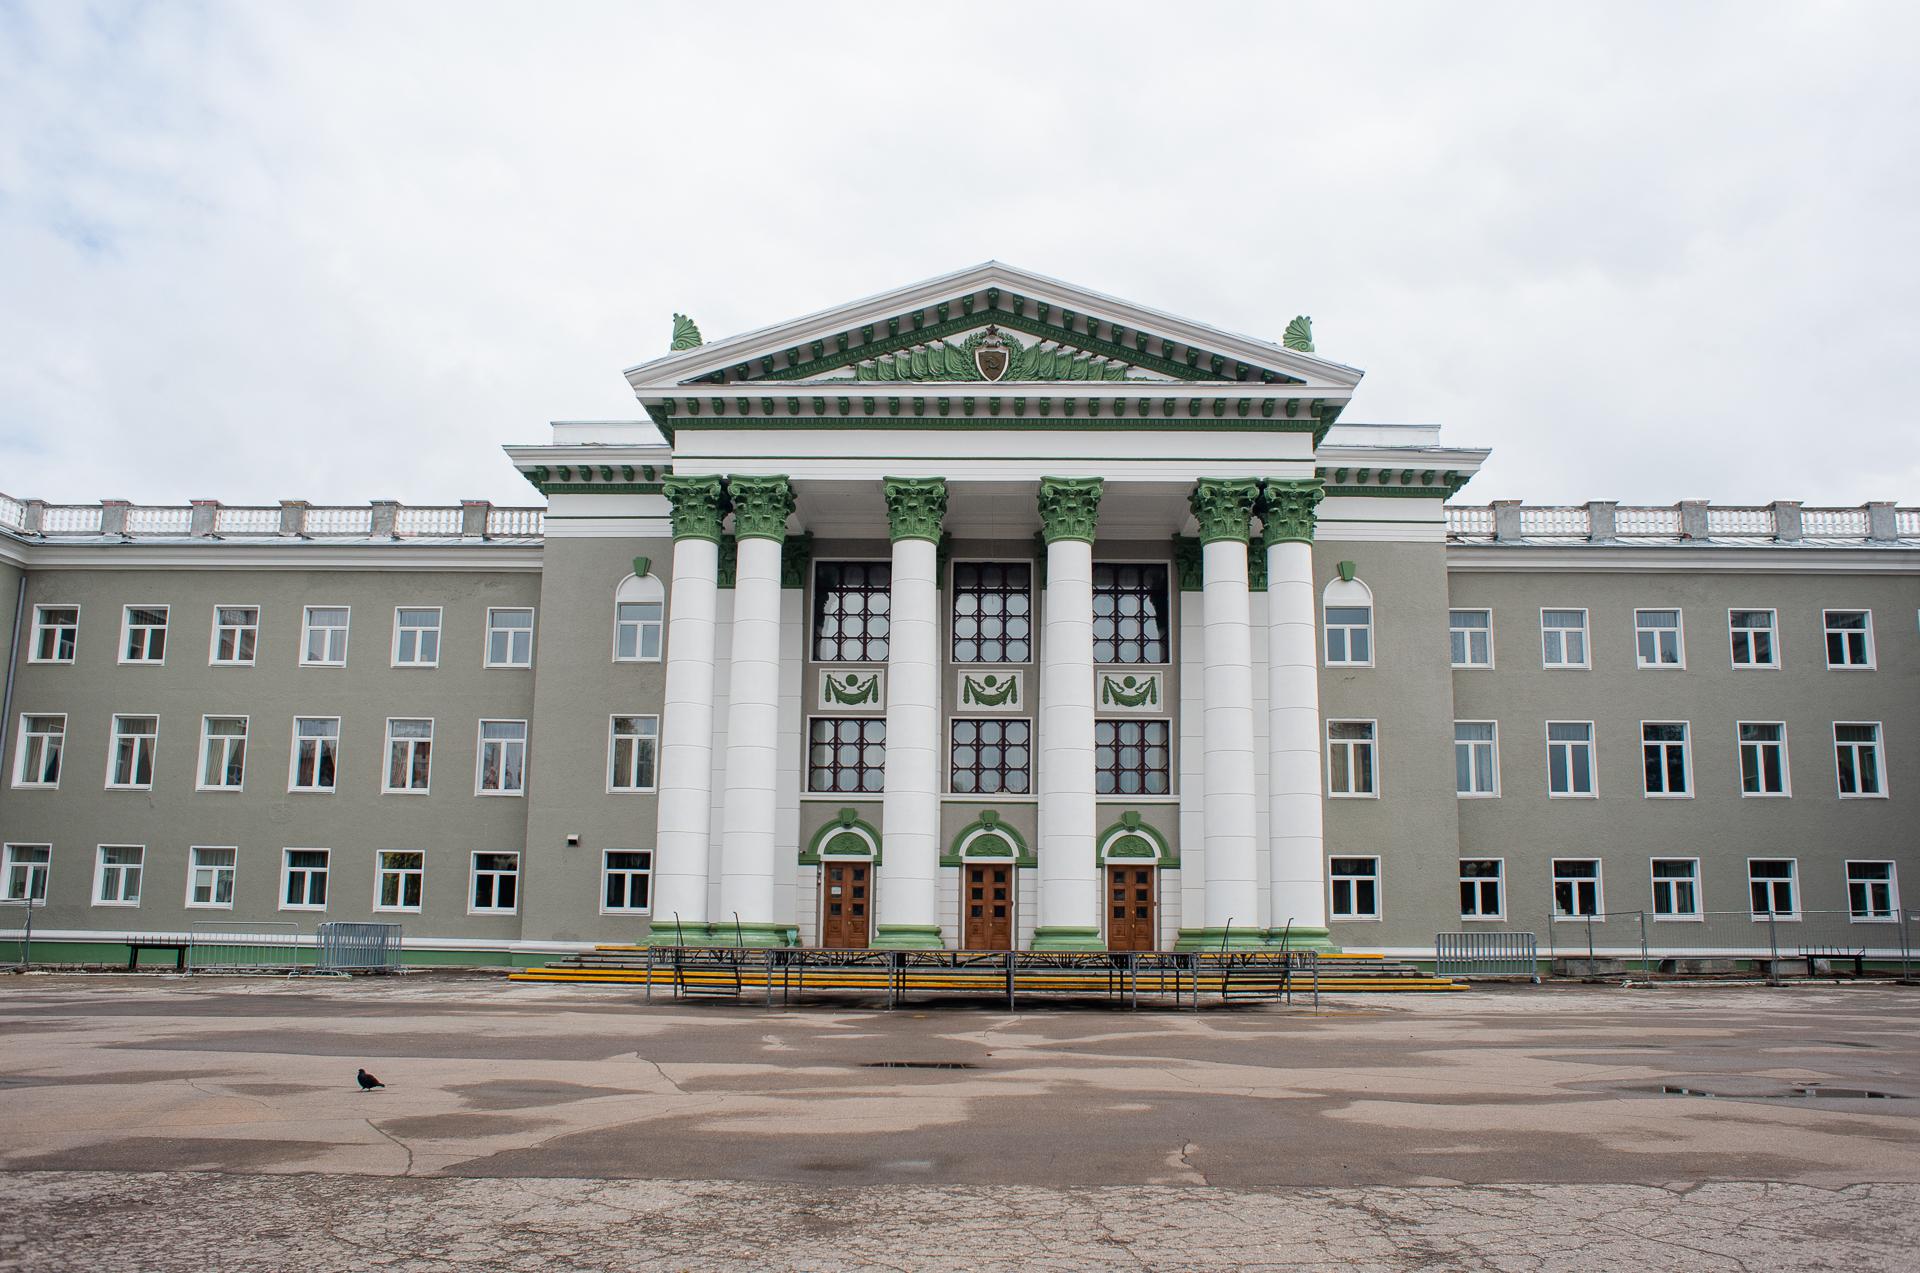 Ступино, проспект Победы, Дворец культуры